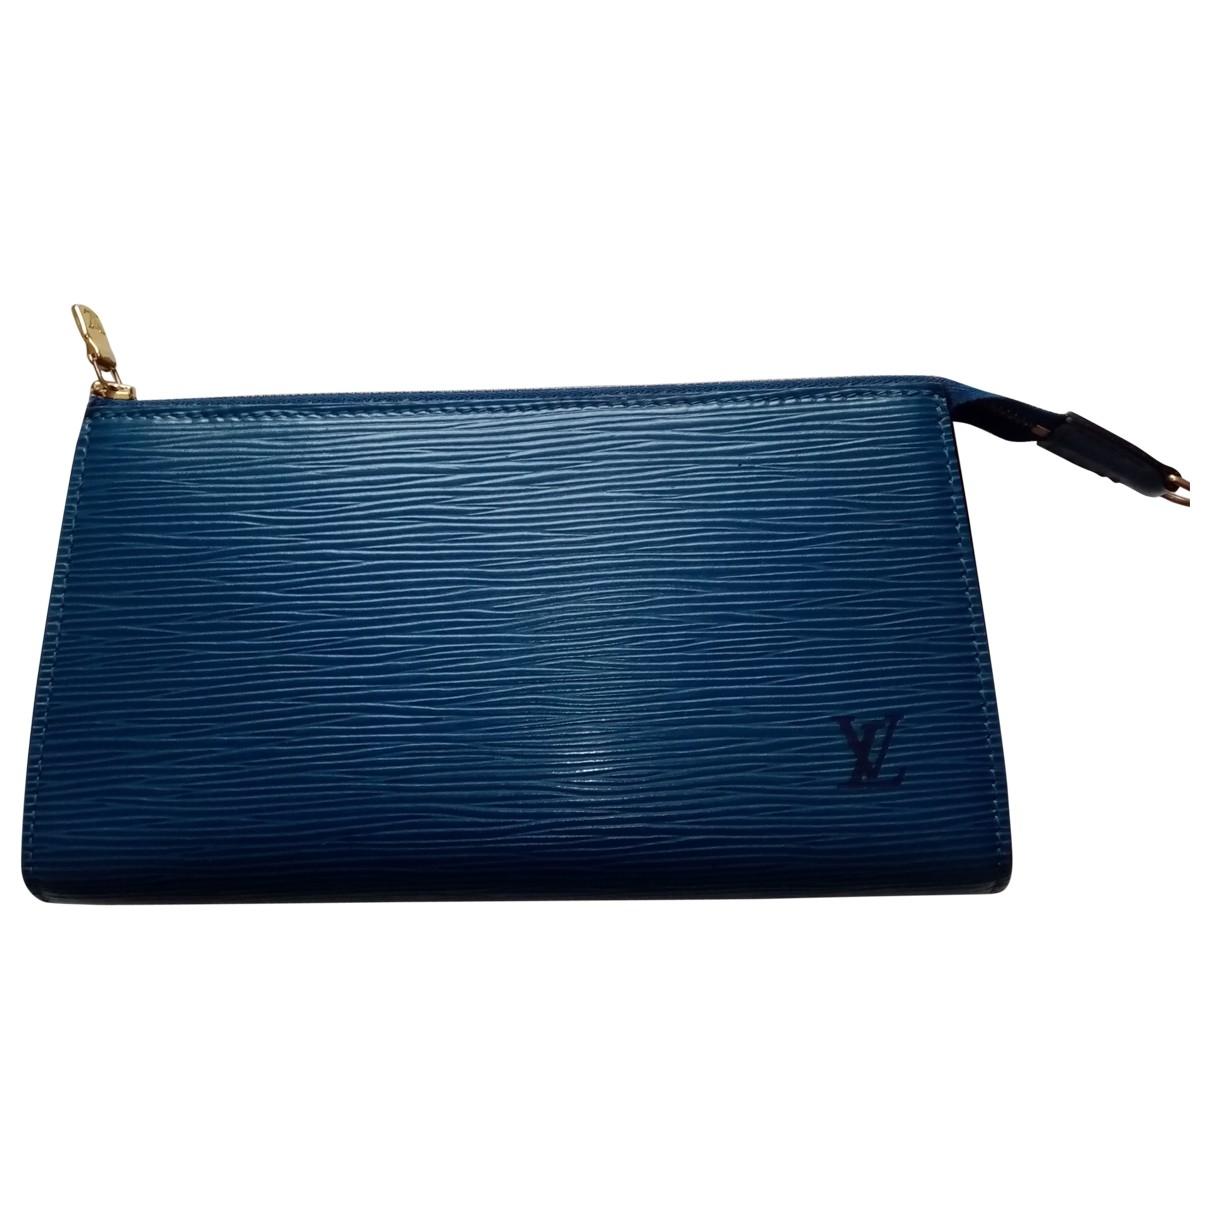 Louis Vuitton - Pochette Pochette Accessoire pour femme en cuir - bleu